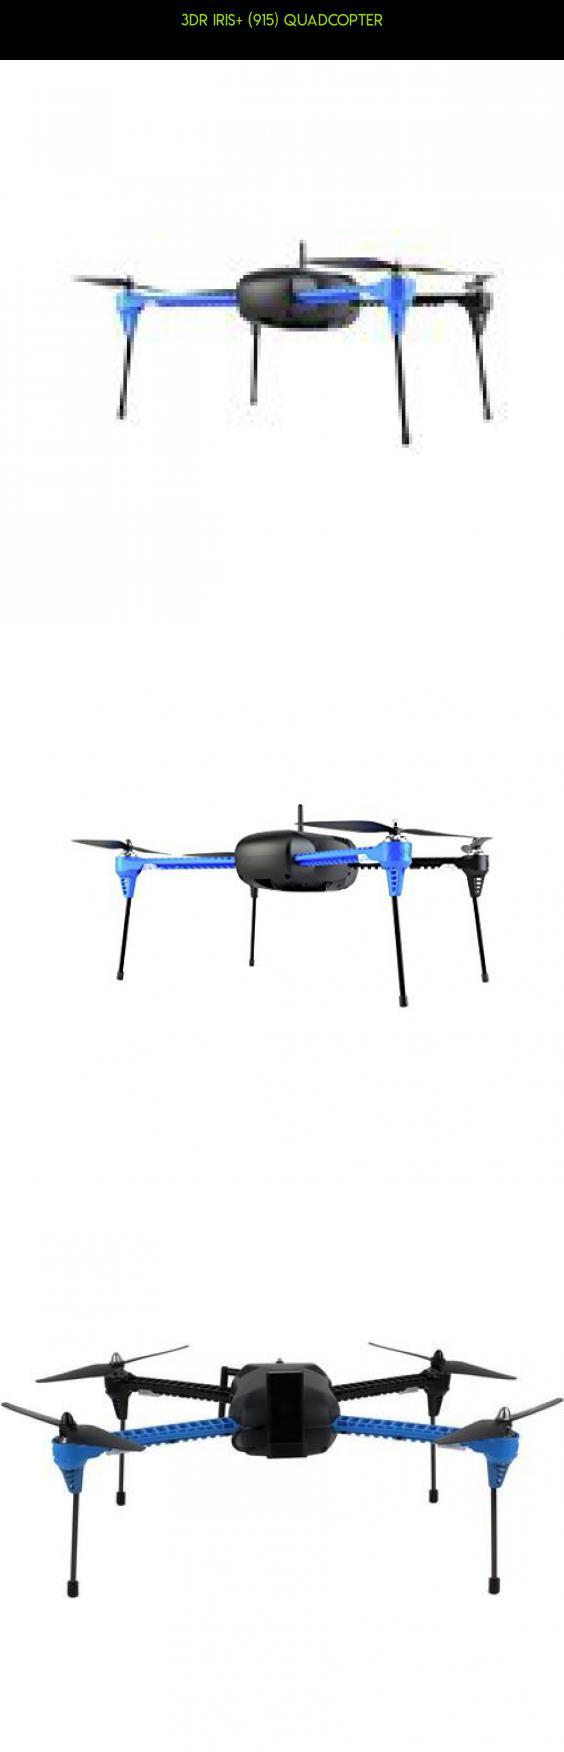 3DR IRIS+ (915) Quadcopter #fpv #camera #racing #915 #drone